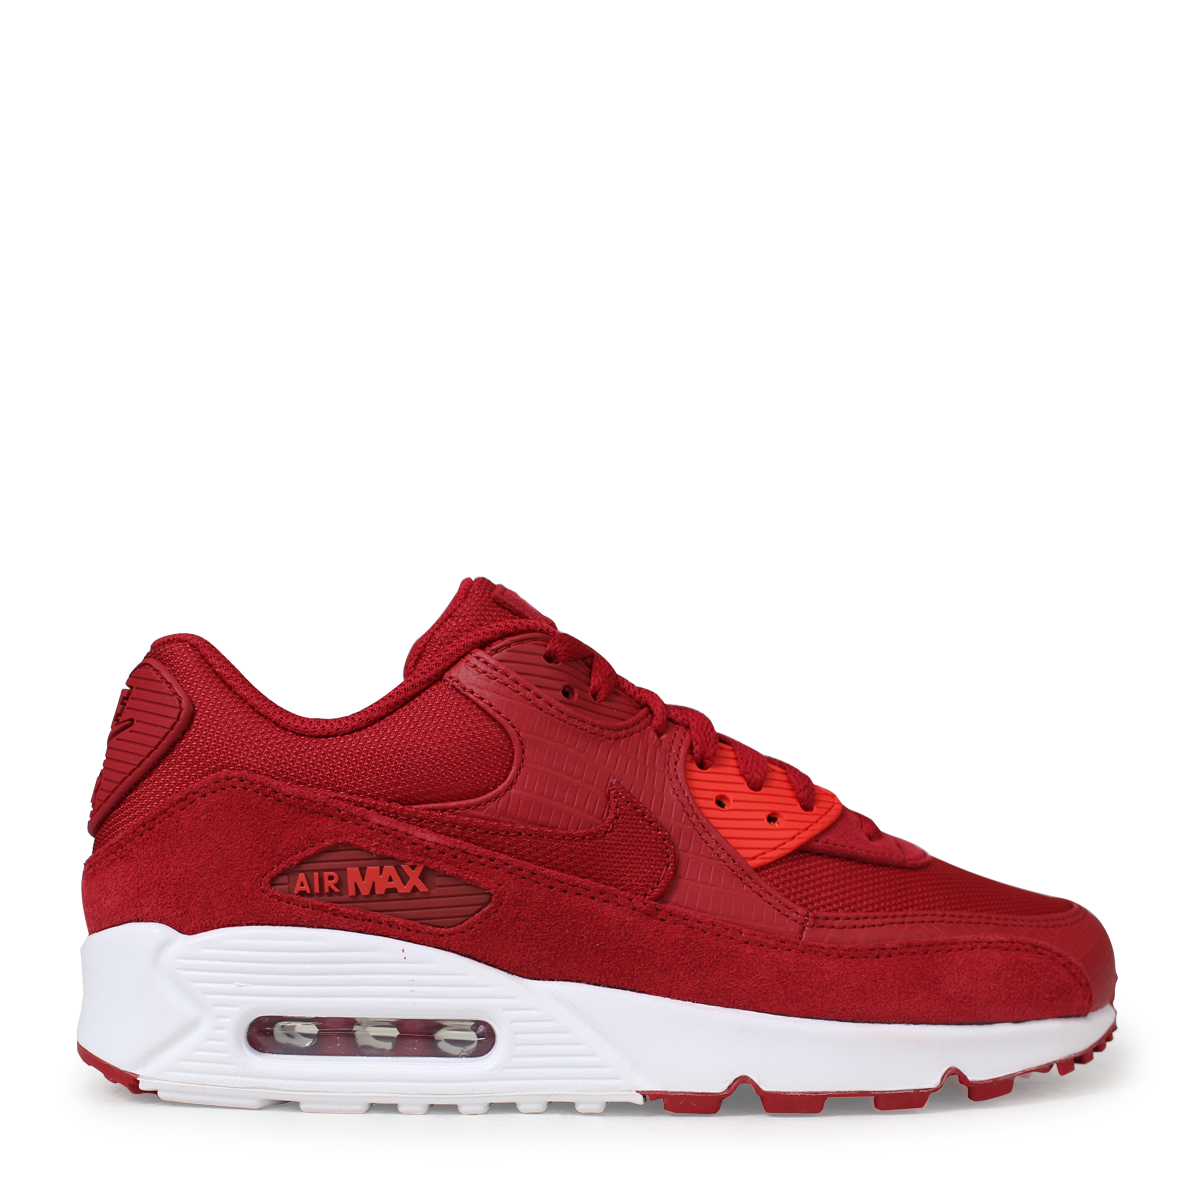 5658f995d4 ... NIKE AIR MAX 90 PREMIUM Kie Ney AMAX 90 sneakers men 700,155-602 red ...